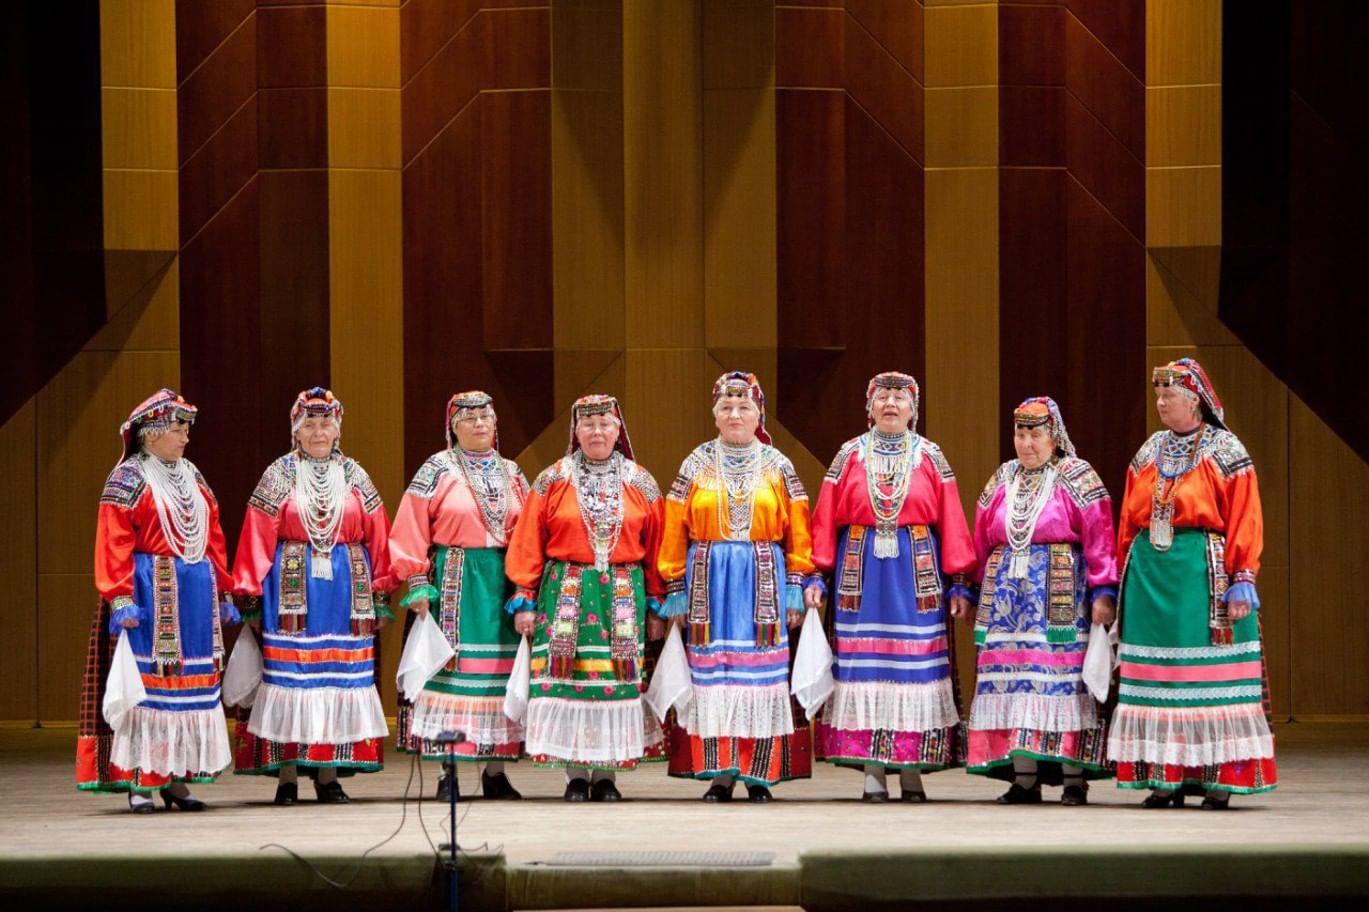 «На Казанскую» - фестиваль аутентичного фольклора в Воронеже. Галерея 1